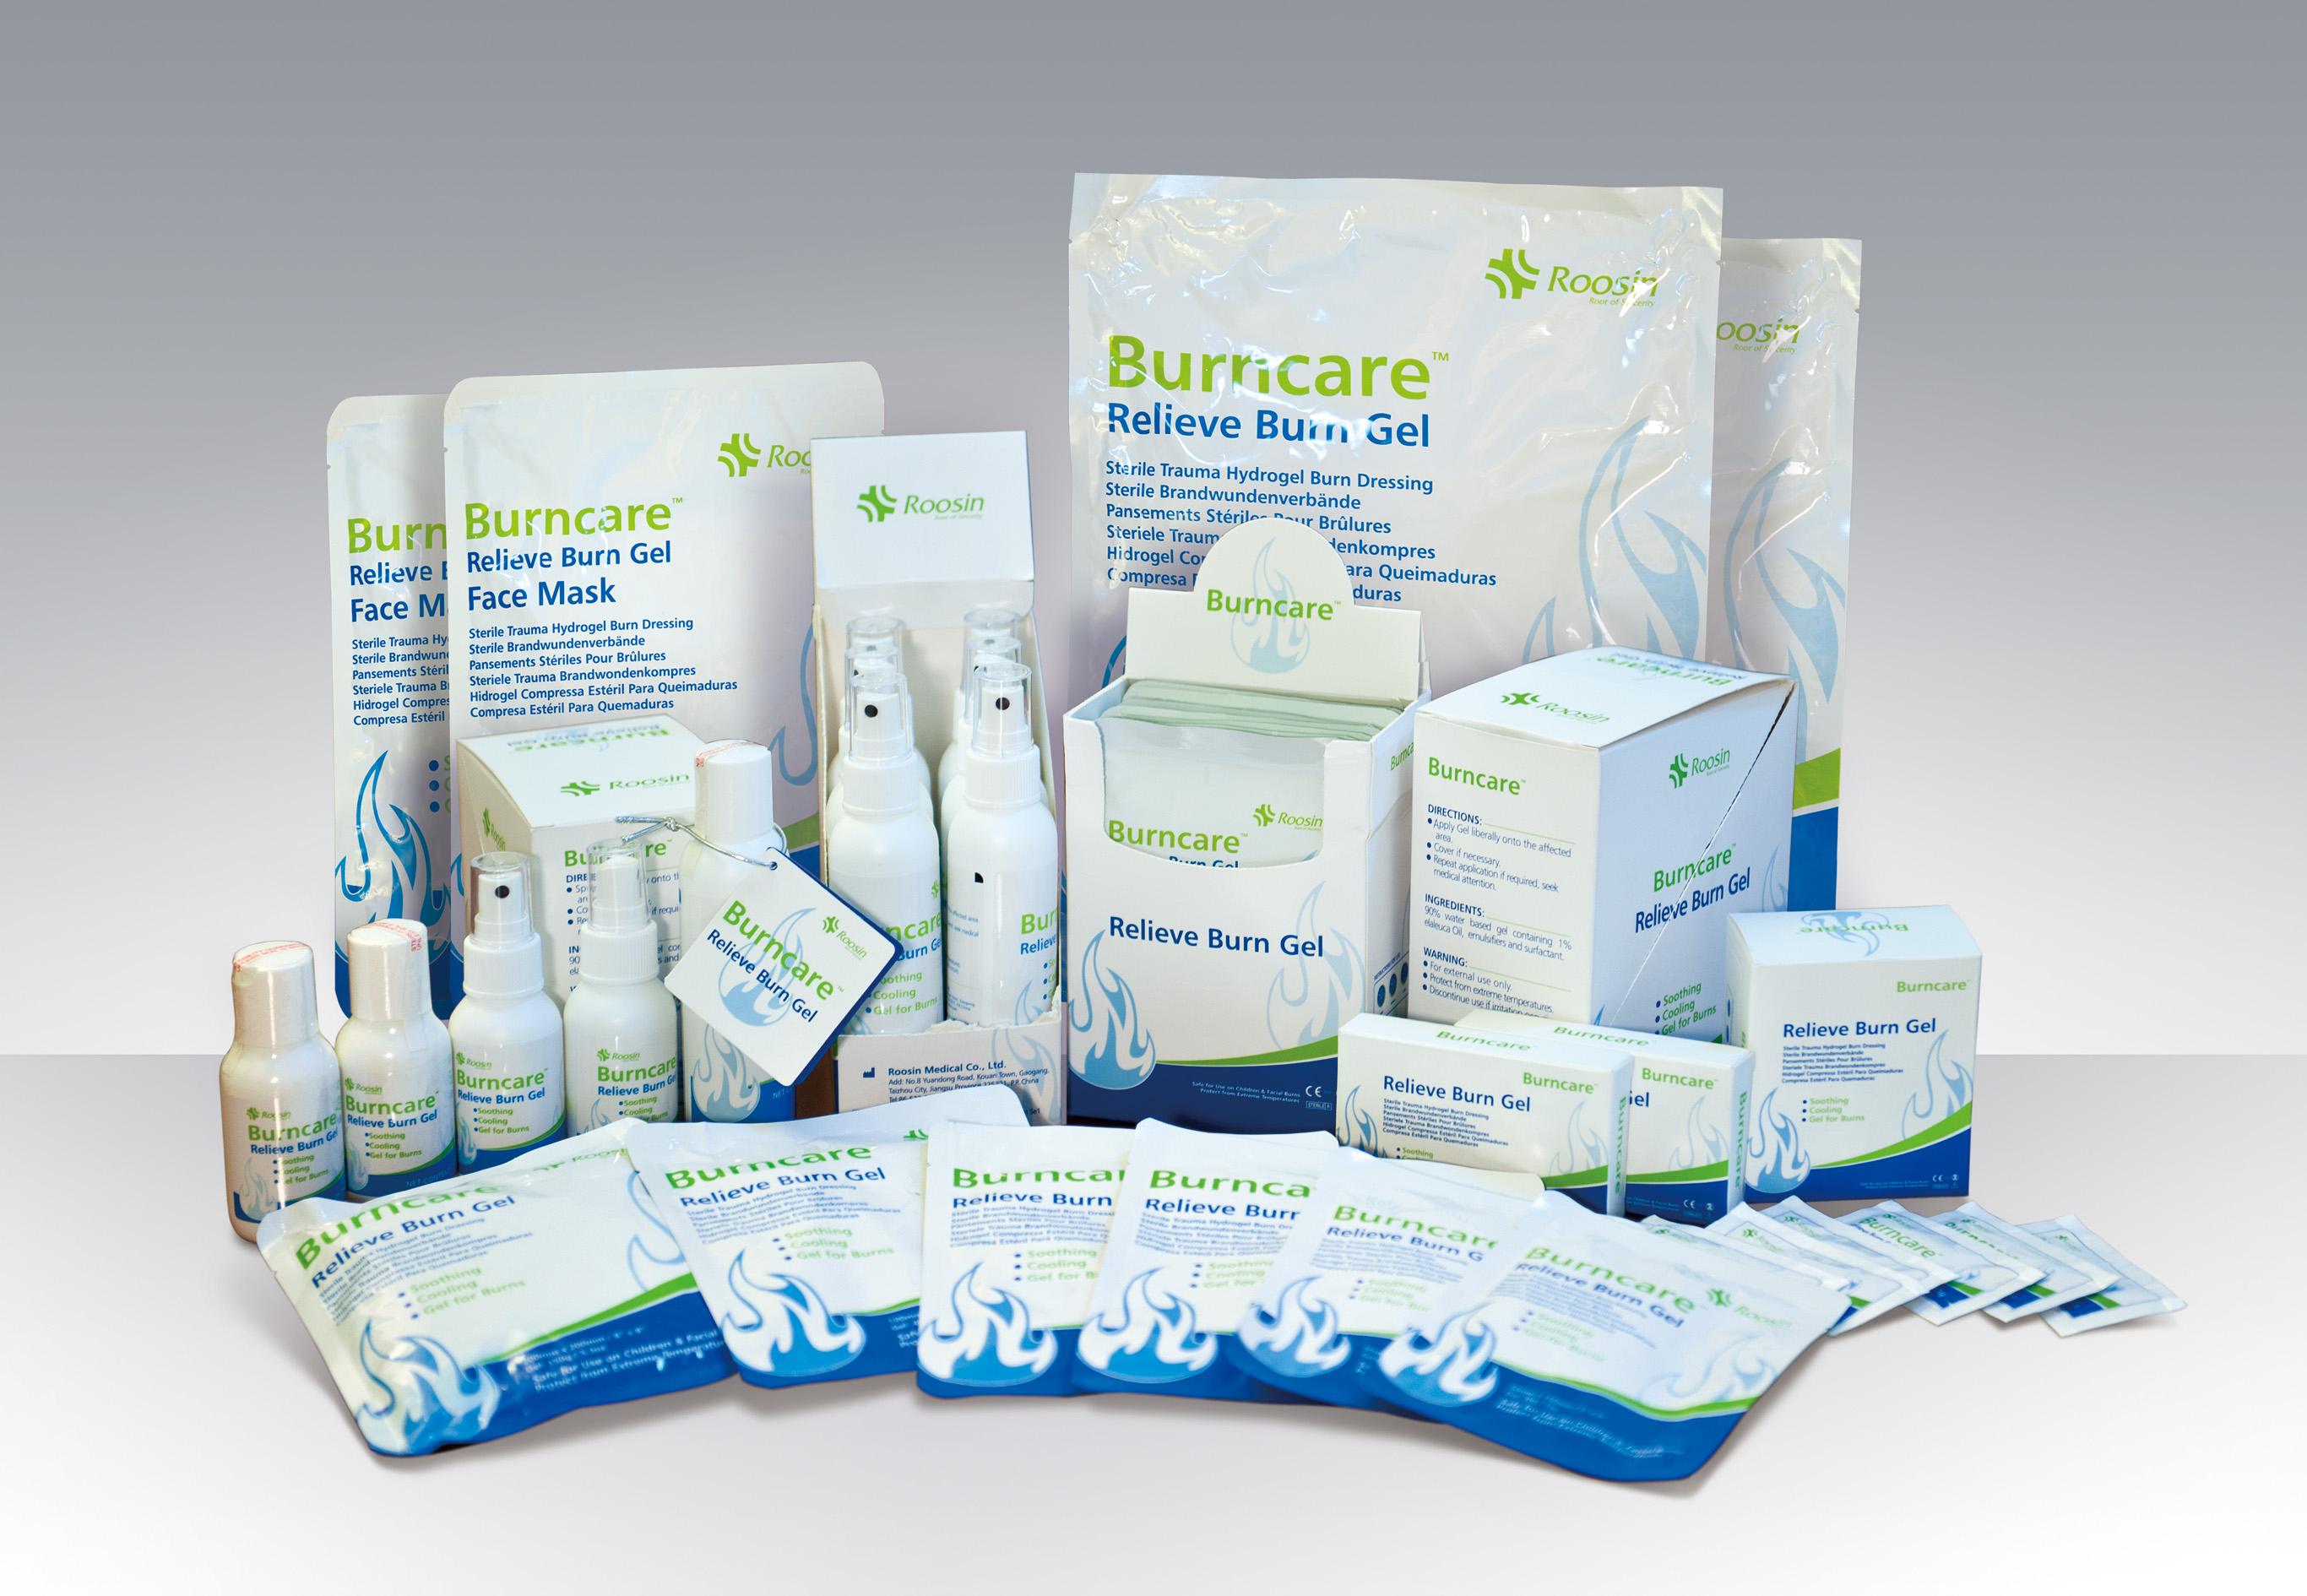 Ustioni, Burncare si presenta con nuovi dispositivi e prodotti